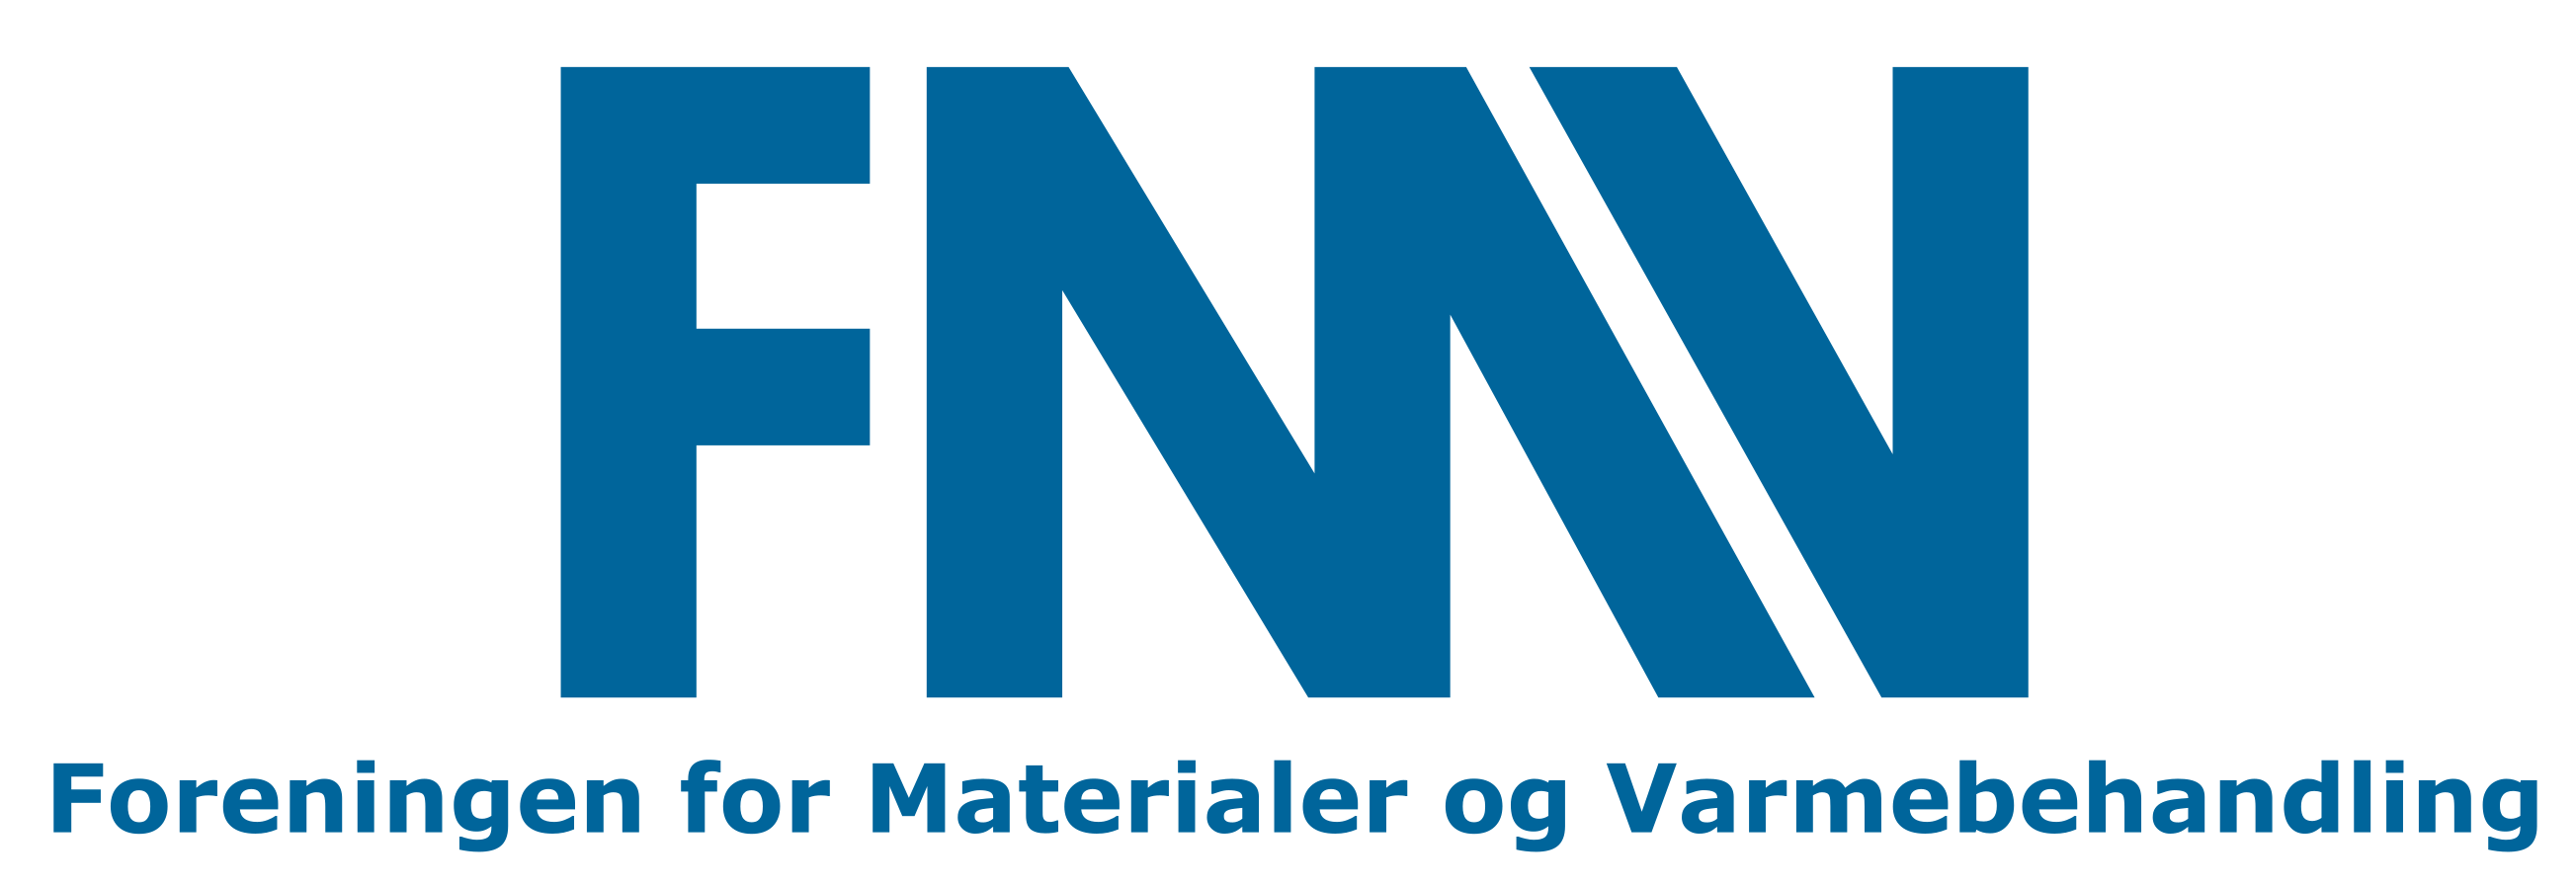 FMV – Foreningen for Materialer og Varmebehandling